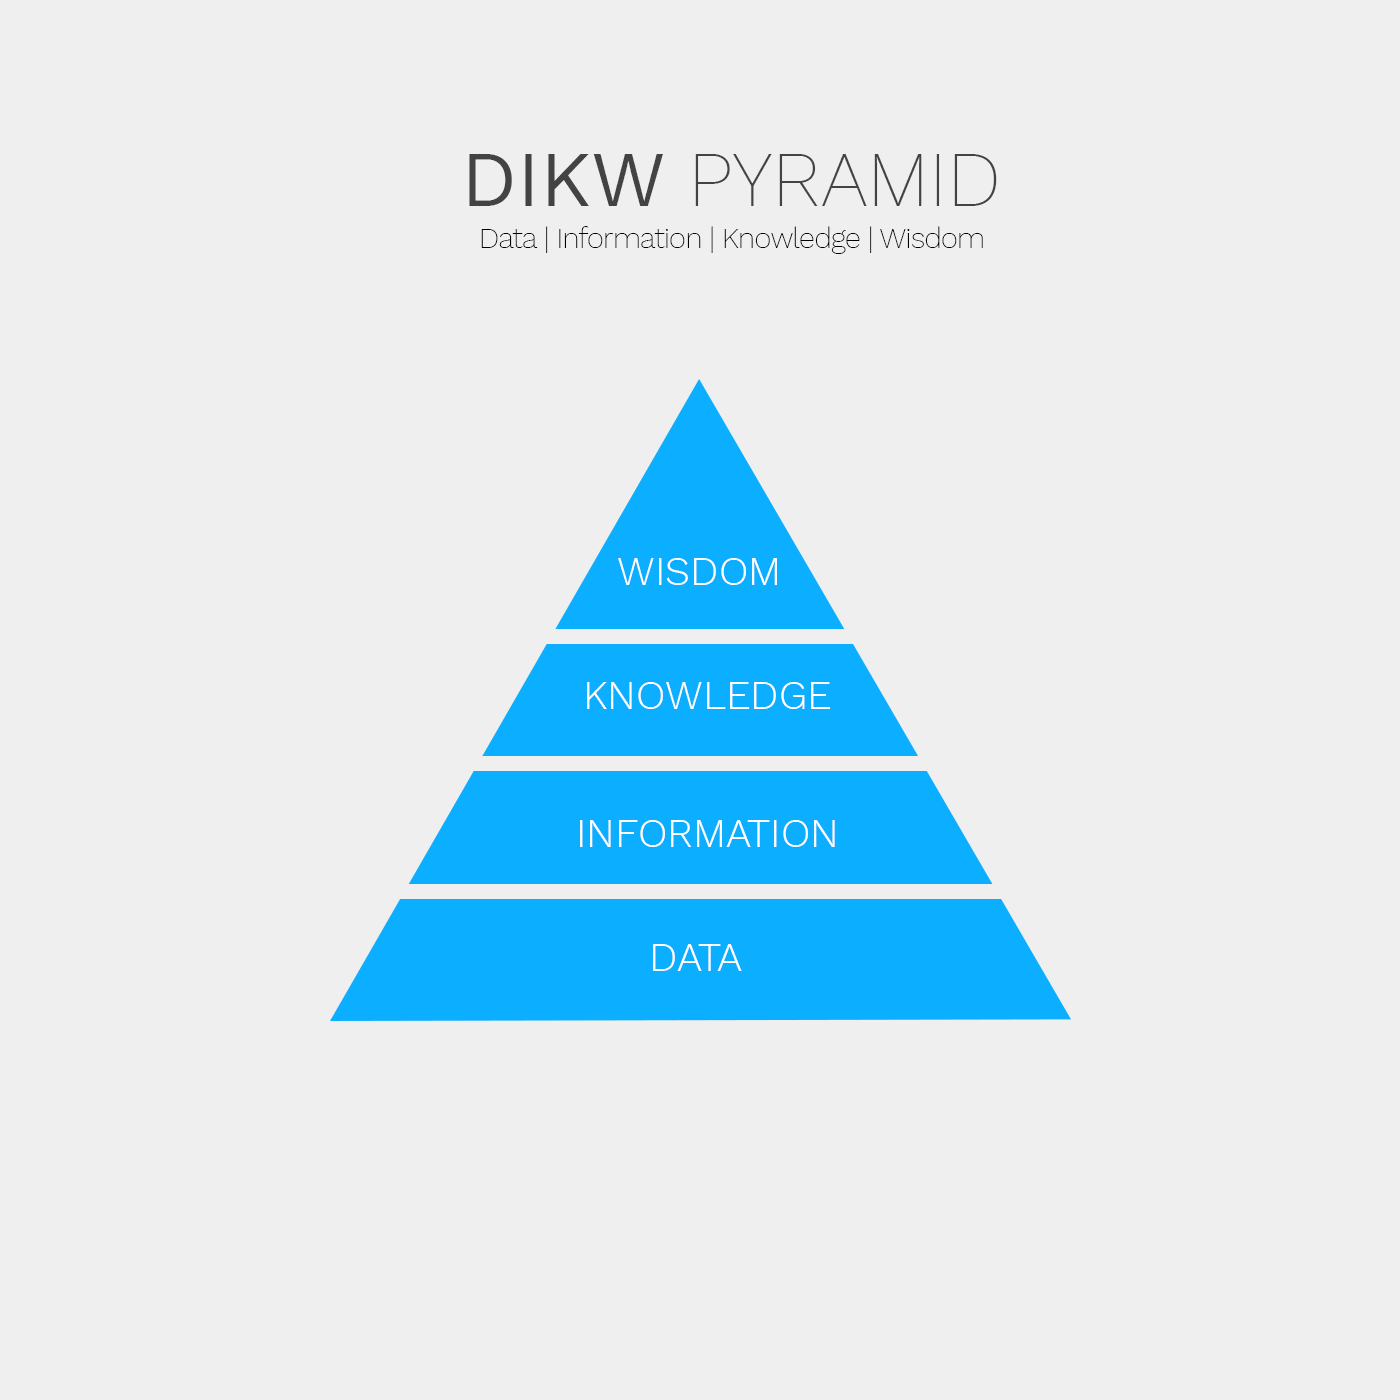 dikw-pyramid